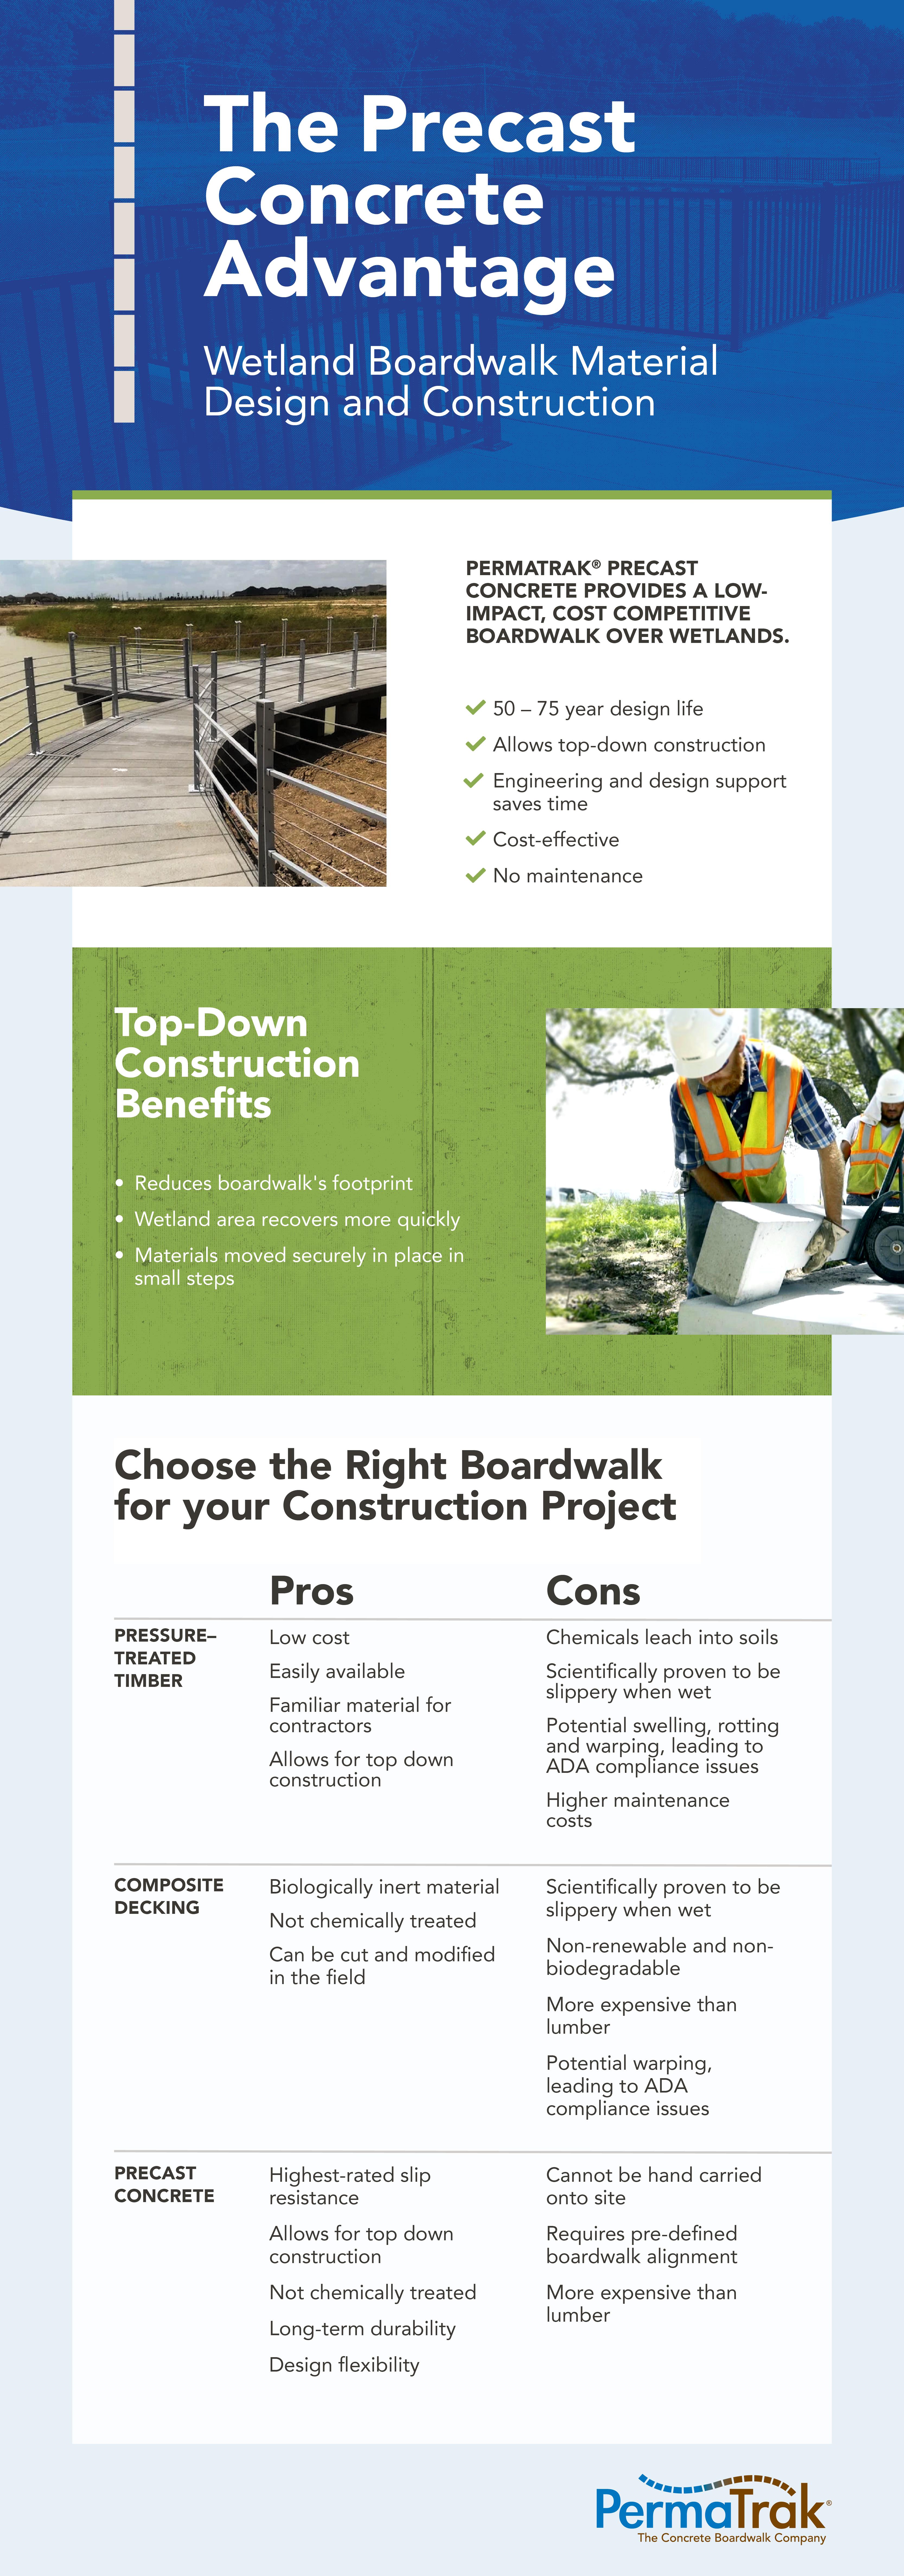 PermaTrak Precast Concrete Boardwalk Advantages in Wetland Areas